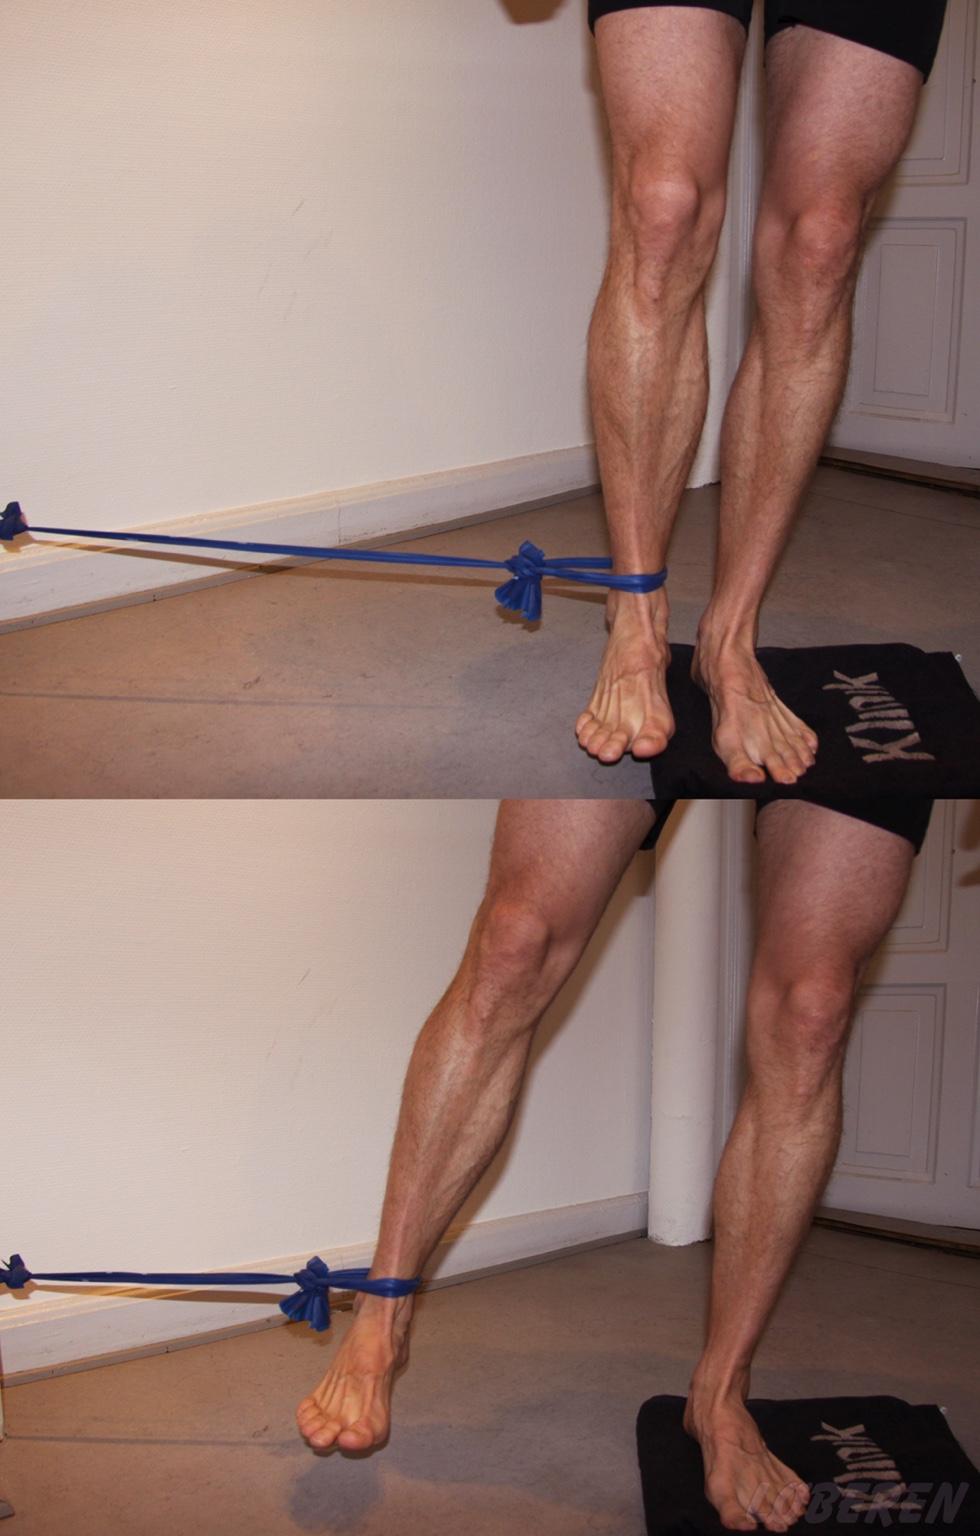 Øvelser for knæet med brug af elastik.